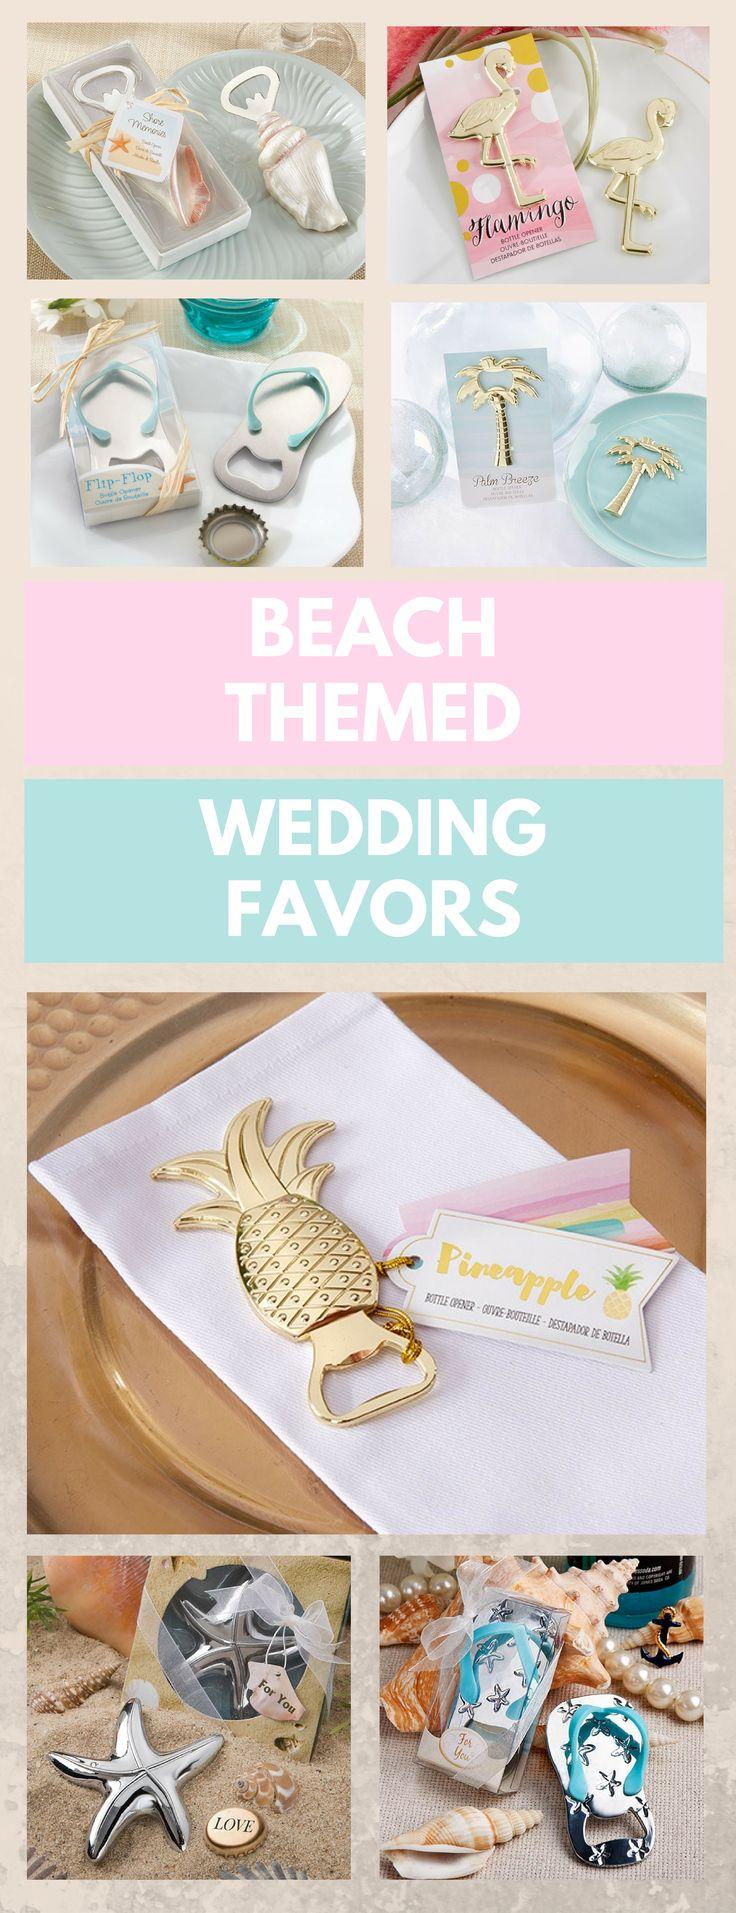 best 25 beach wedding favors ideas on pinterest sea wedding theme beach themed wedding. Black Bedroom Furniture Sets. Home Design Ideas